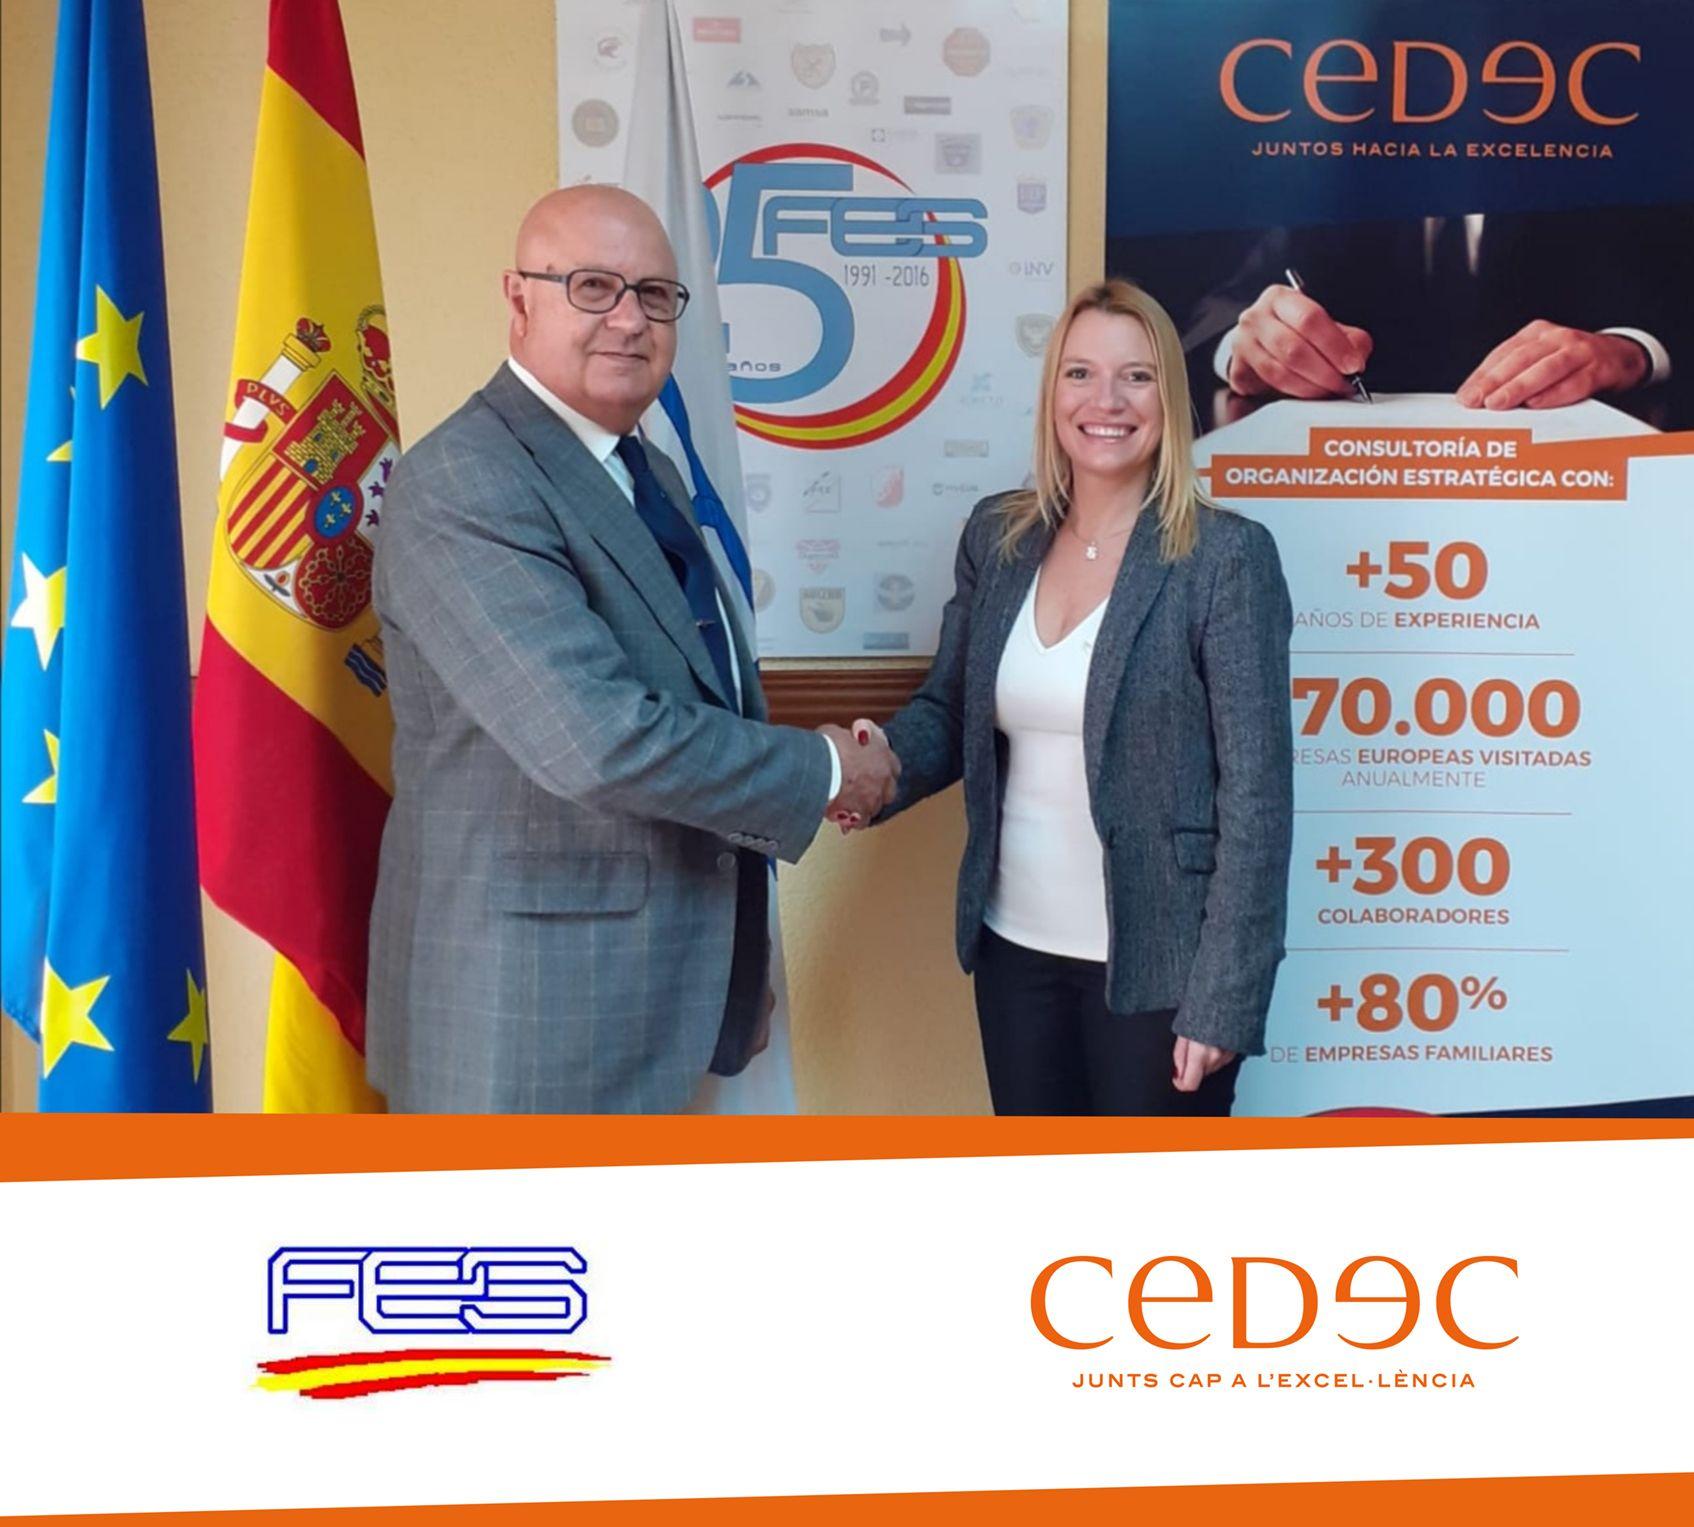 Foto de CEDEC, consultoria d'organització estratègica